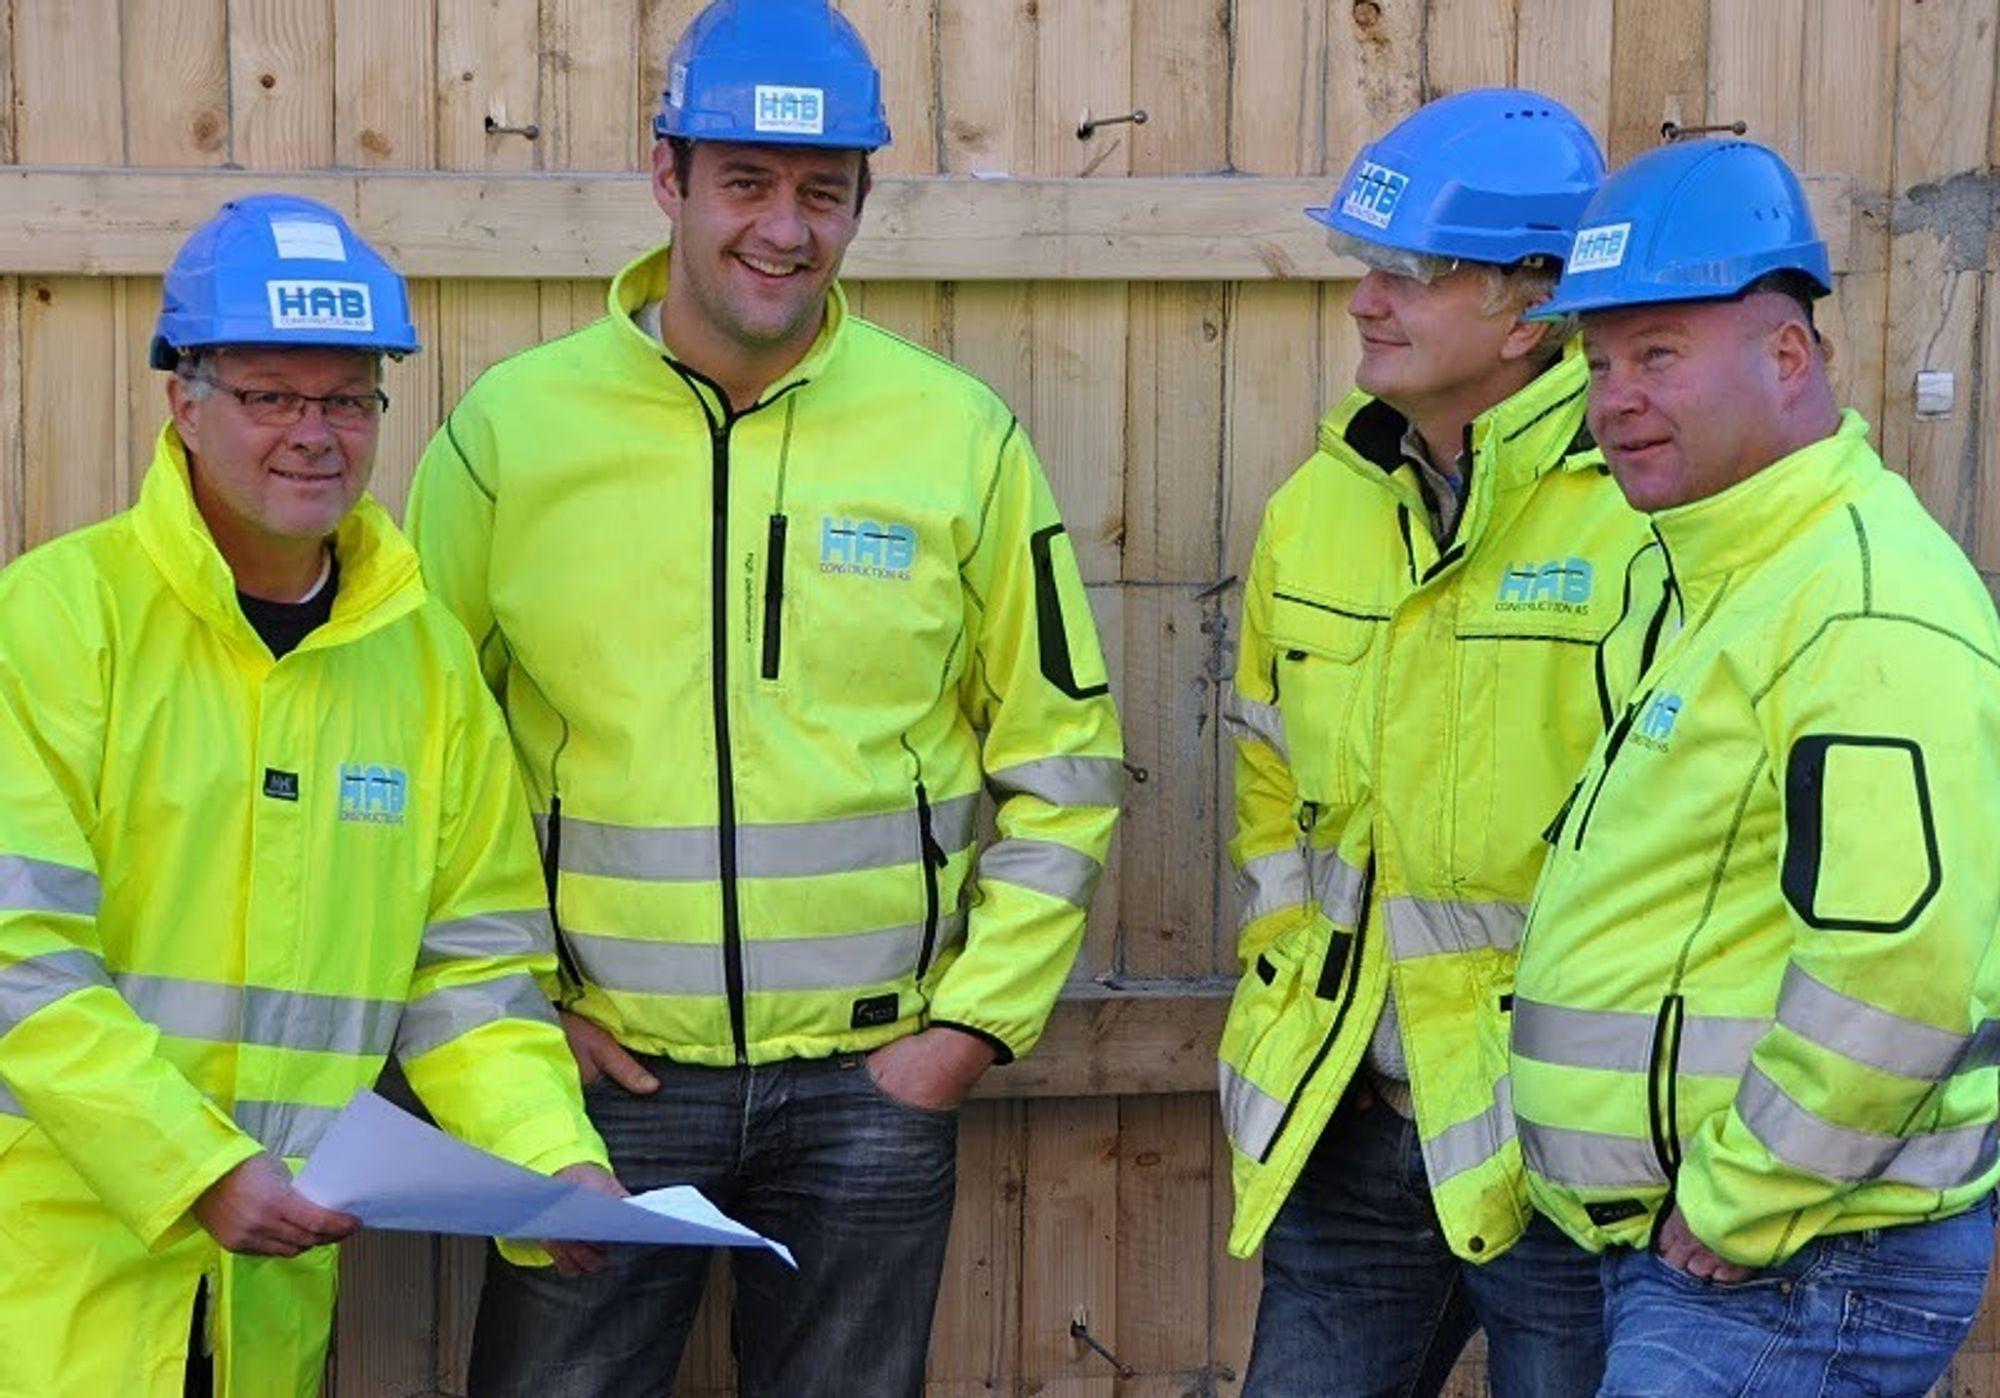 Representanter for HAB Construction as sin ledelse besøker en av byggeplassene. Fra venstre Jan Harangen, Bjørnar Neset, Ole Helge Steinsrud og Torbjørn Haugo.